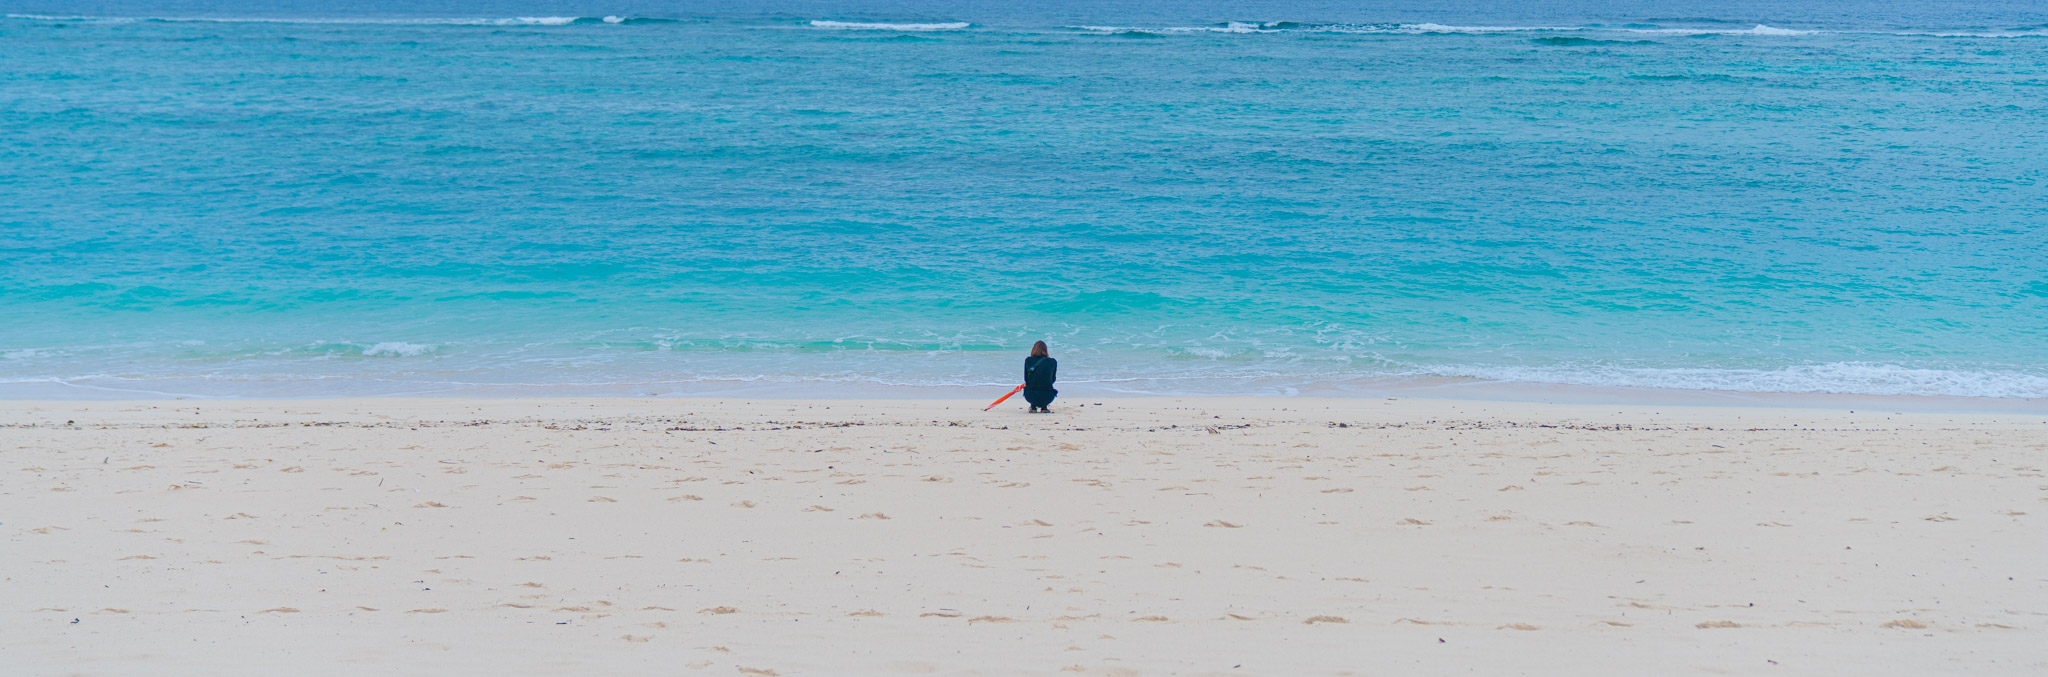 【沖縄】キャプテンカンガールで絶品ハンバーガーを堪能後、瀬底ビーチで遊ぶ / Day2